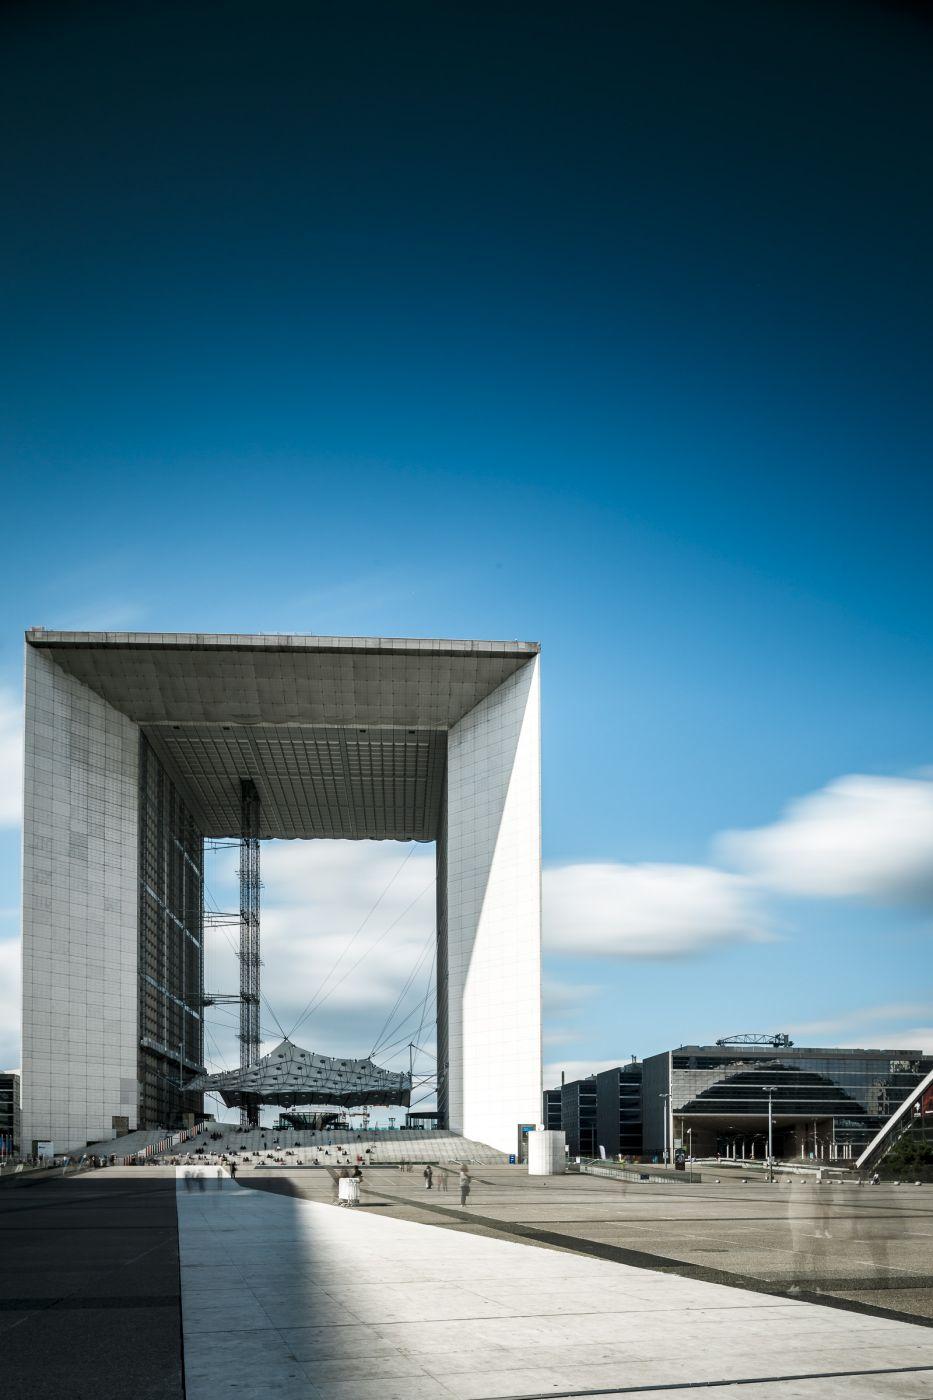 Grande Arche de la Defense, France